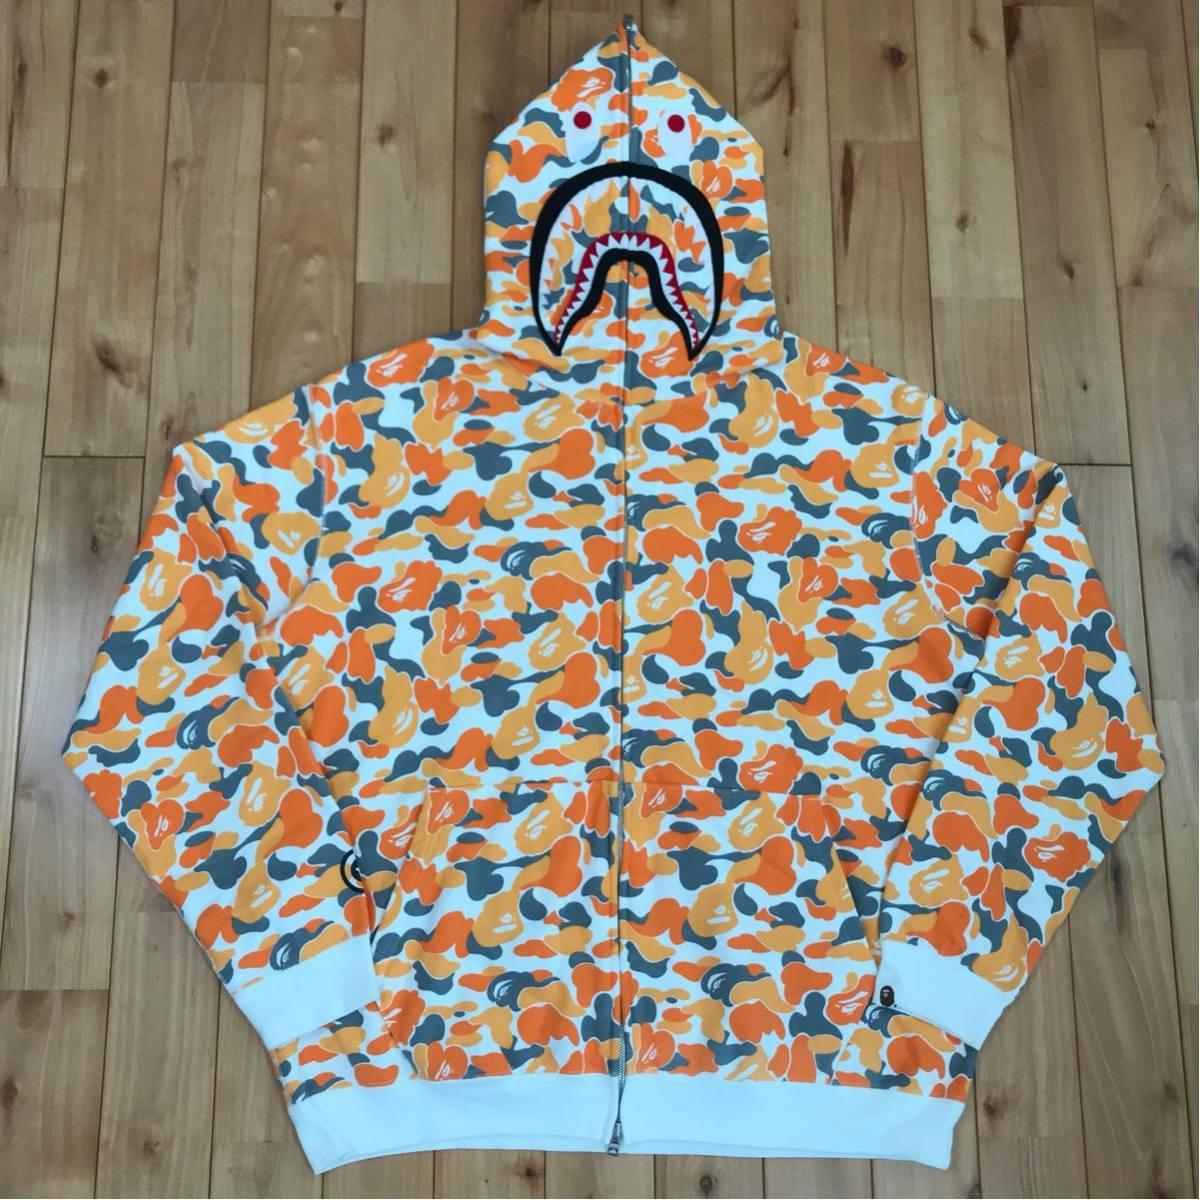 ★福岡限定★ fukuoka city camo シャーク パーカー XL ape bape shark full zip hoodie エイプ ベイプ アベイシングエイプ 都市限定 迷彩